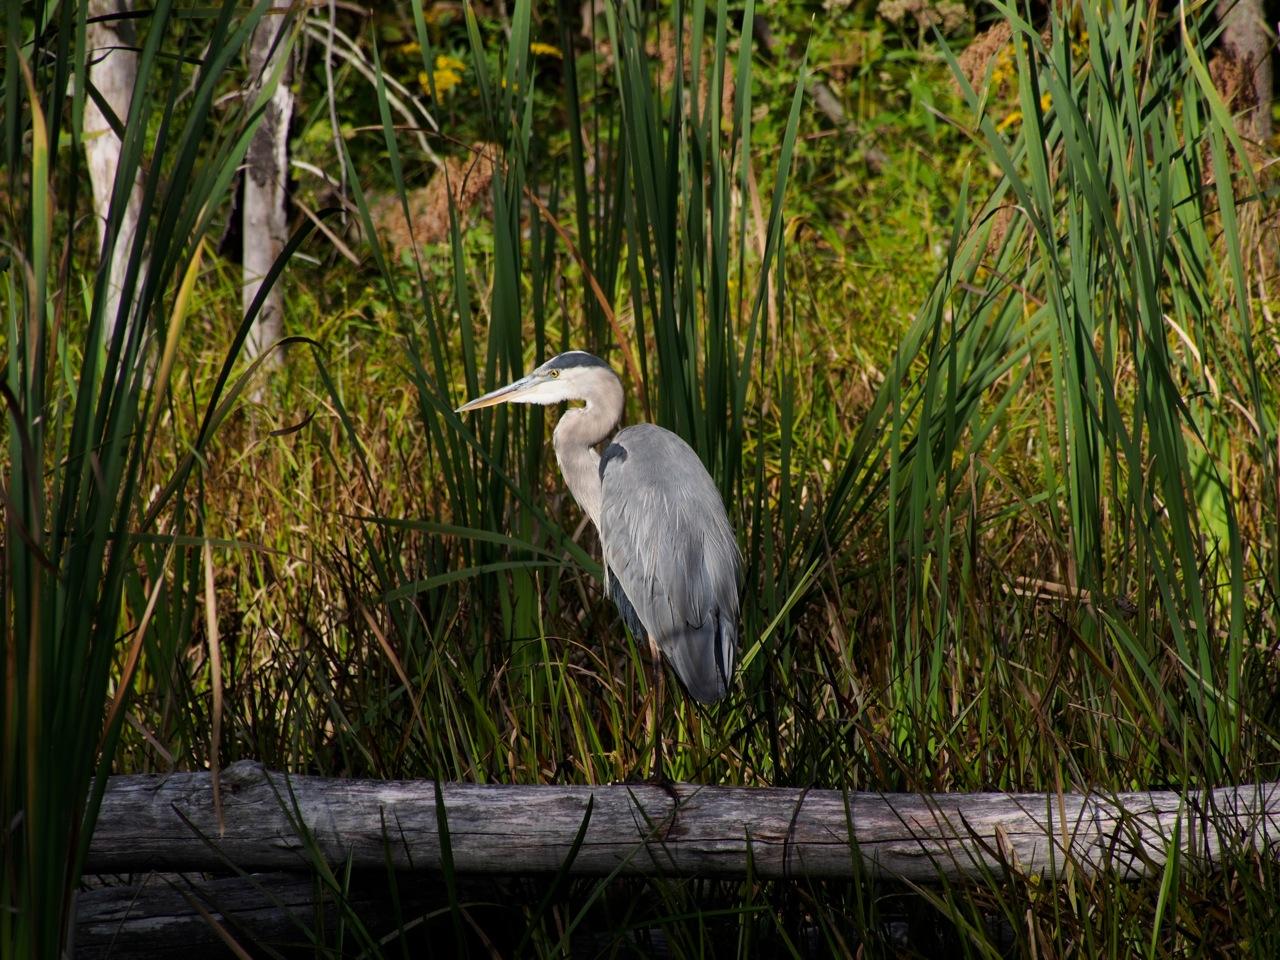 Heron-at-Dusk_9200064